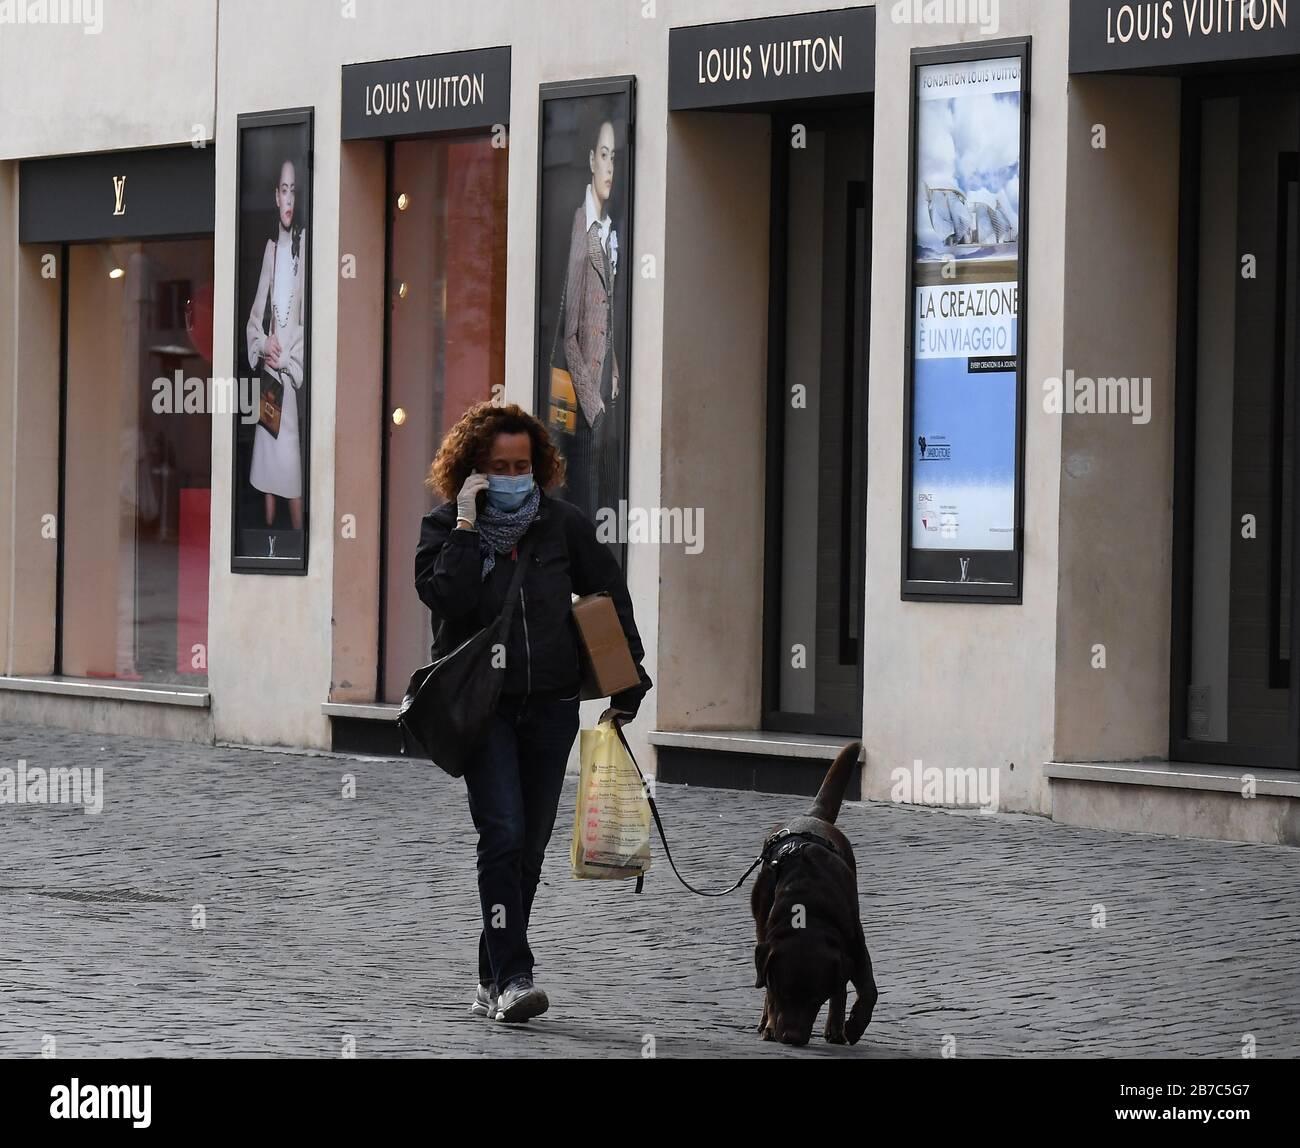 Berlín, Marzo De 12. 15 de marzo de 2020. Una mujer con una máscara de cara camina un perro en la calle comercial Via dei Condotti en Roma, Italia, el 12 de marzo de 2020. PARA IR CON LOS TITULARES DE XINHUA DEL 15 DE MARZO DE 2020. Crédito: Elisa Lingria/Xinhua/Alamy Live News Foto de stock